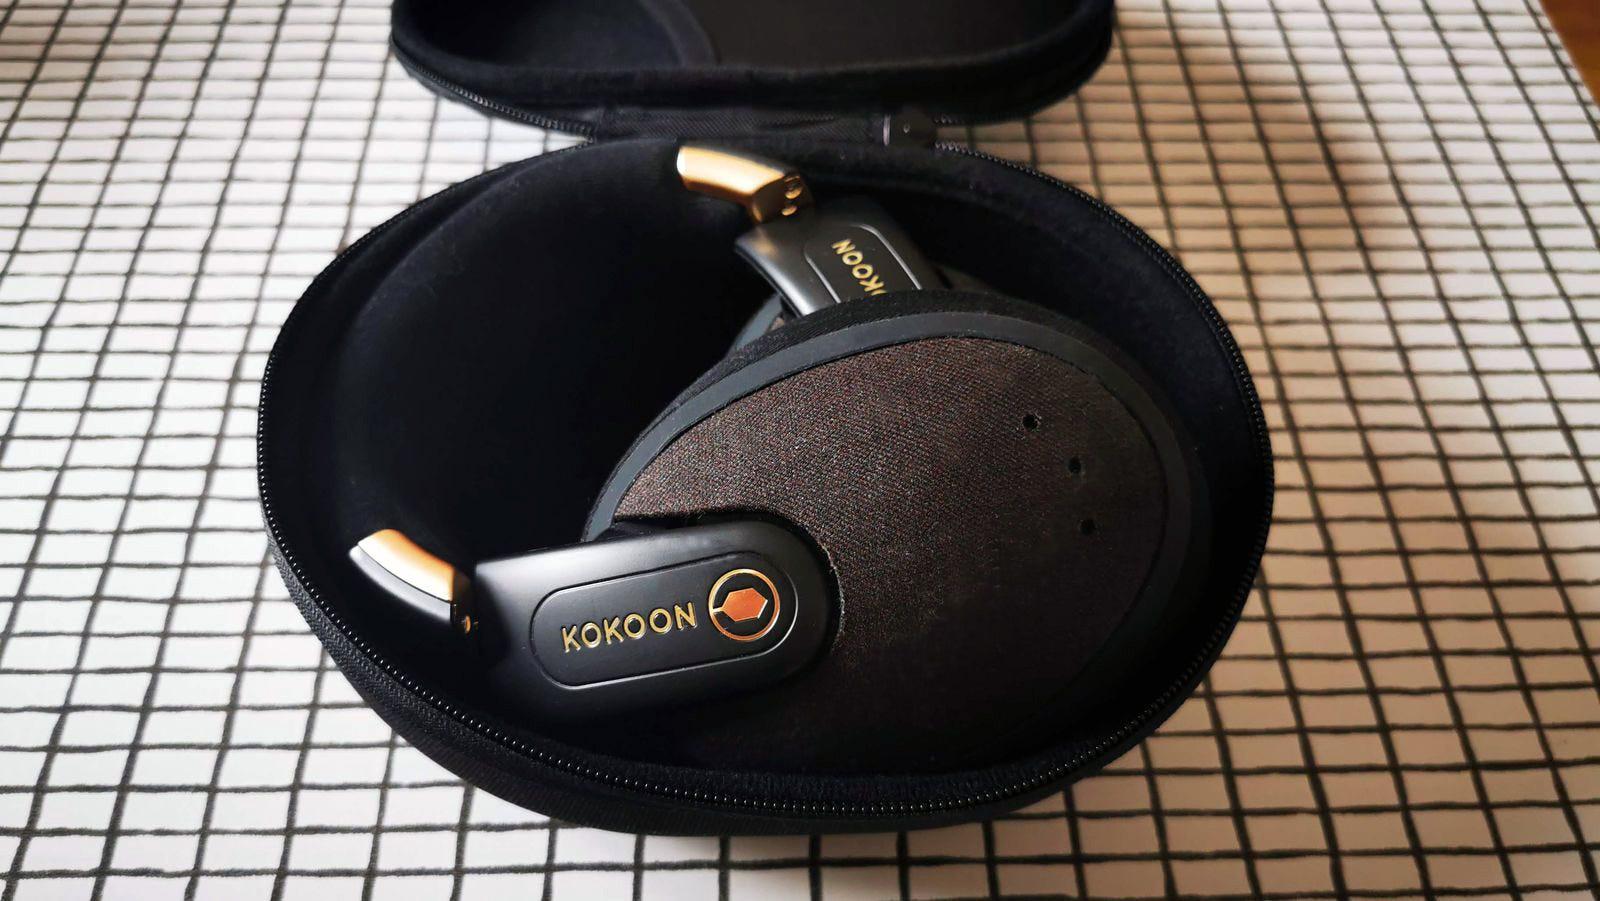 kokoon headphones in case